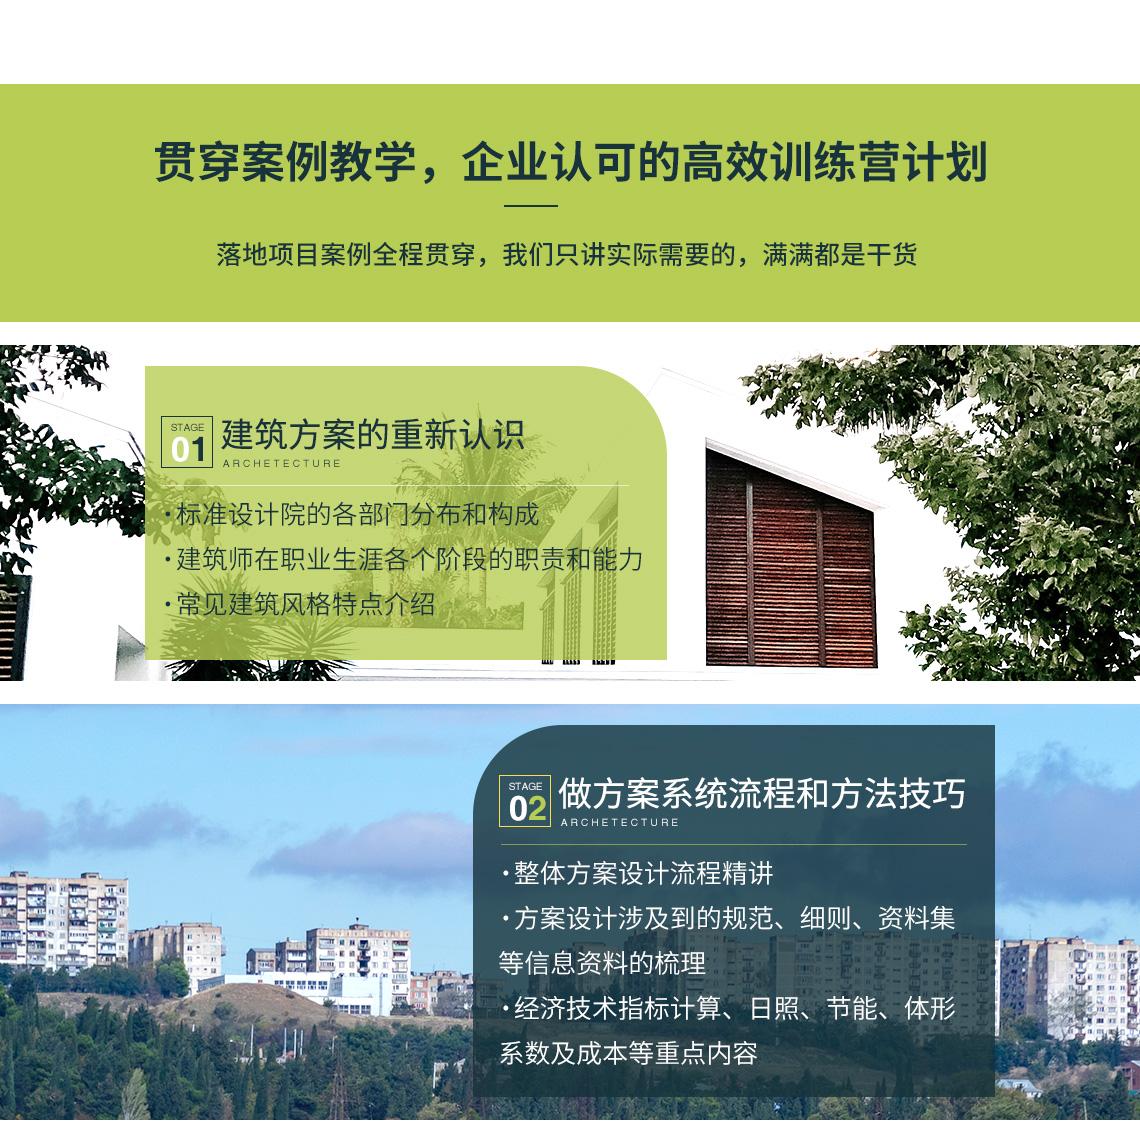 四大案例解析让你对建筑方案设计中商业建筑设计、居住建筑设计、旅游地产建筑设计、医疗养老建筑设计有一个详细了解以及认知。